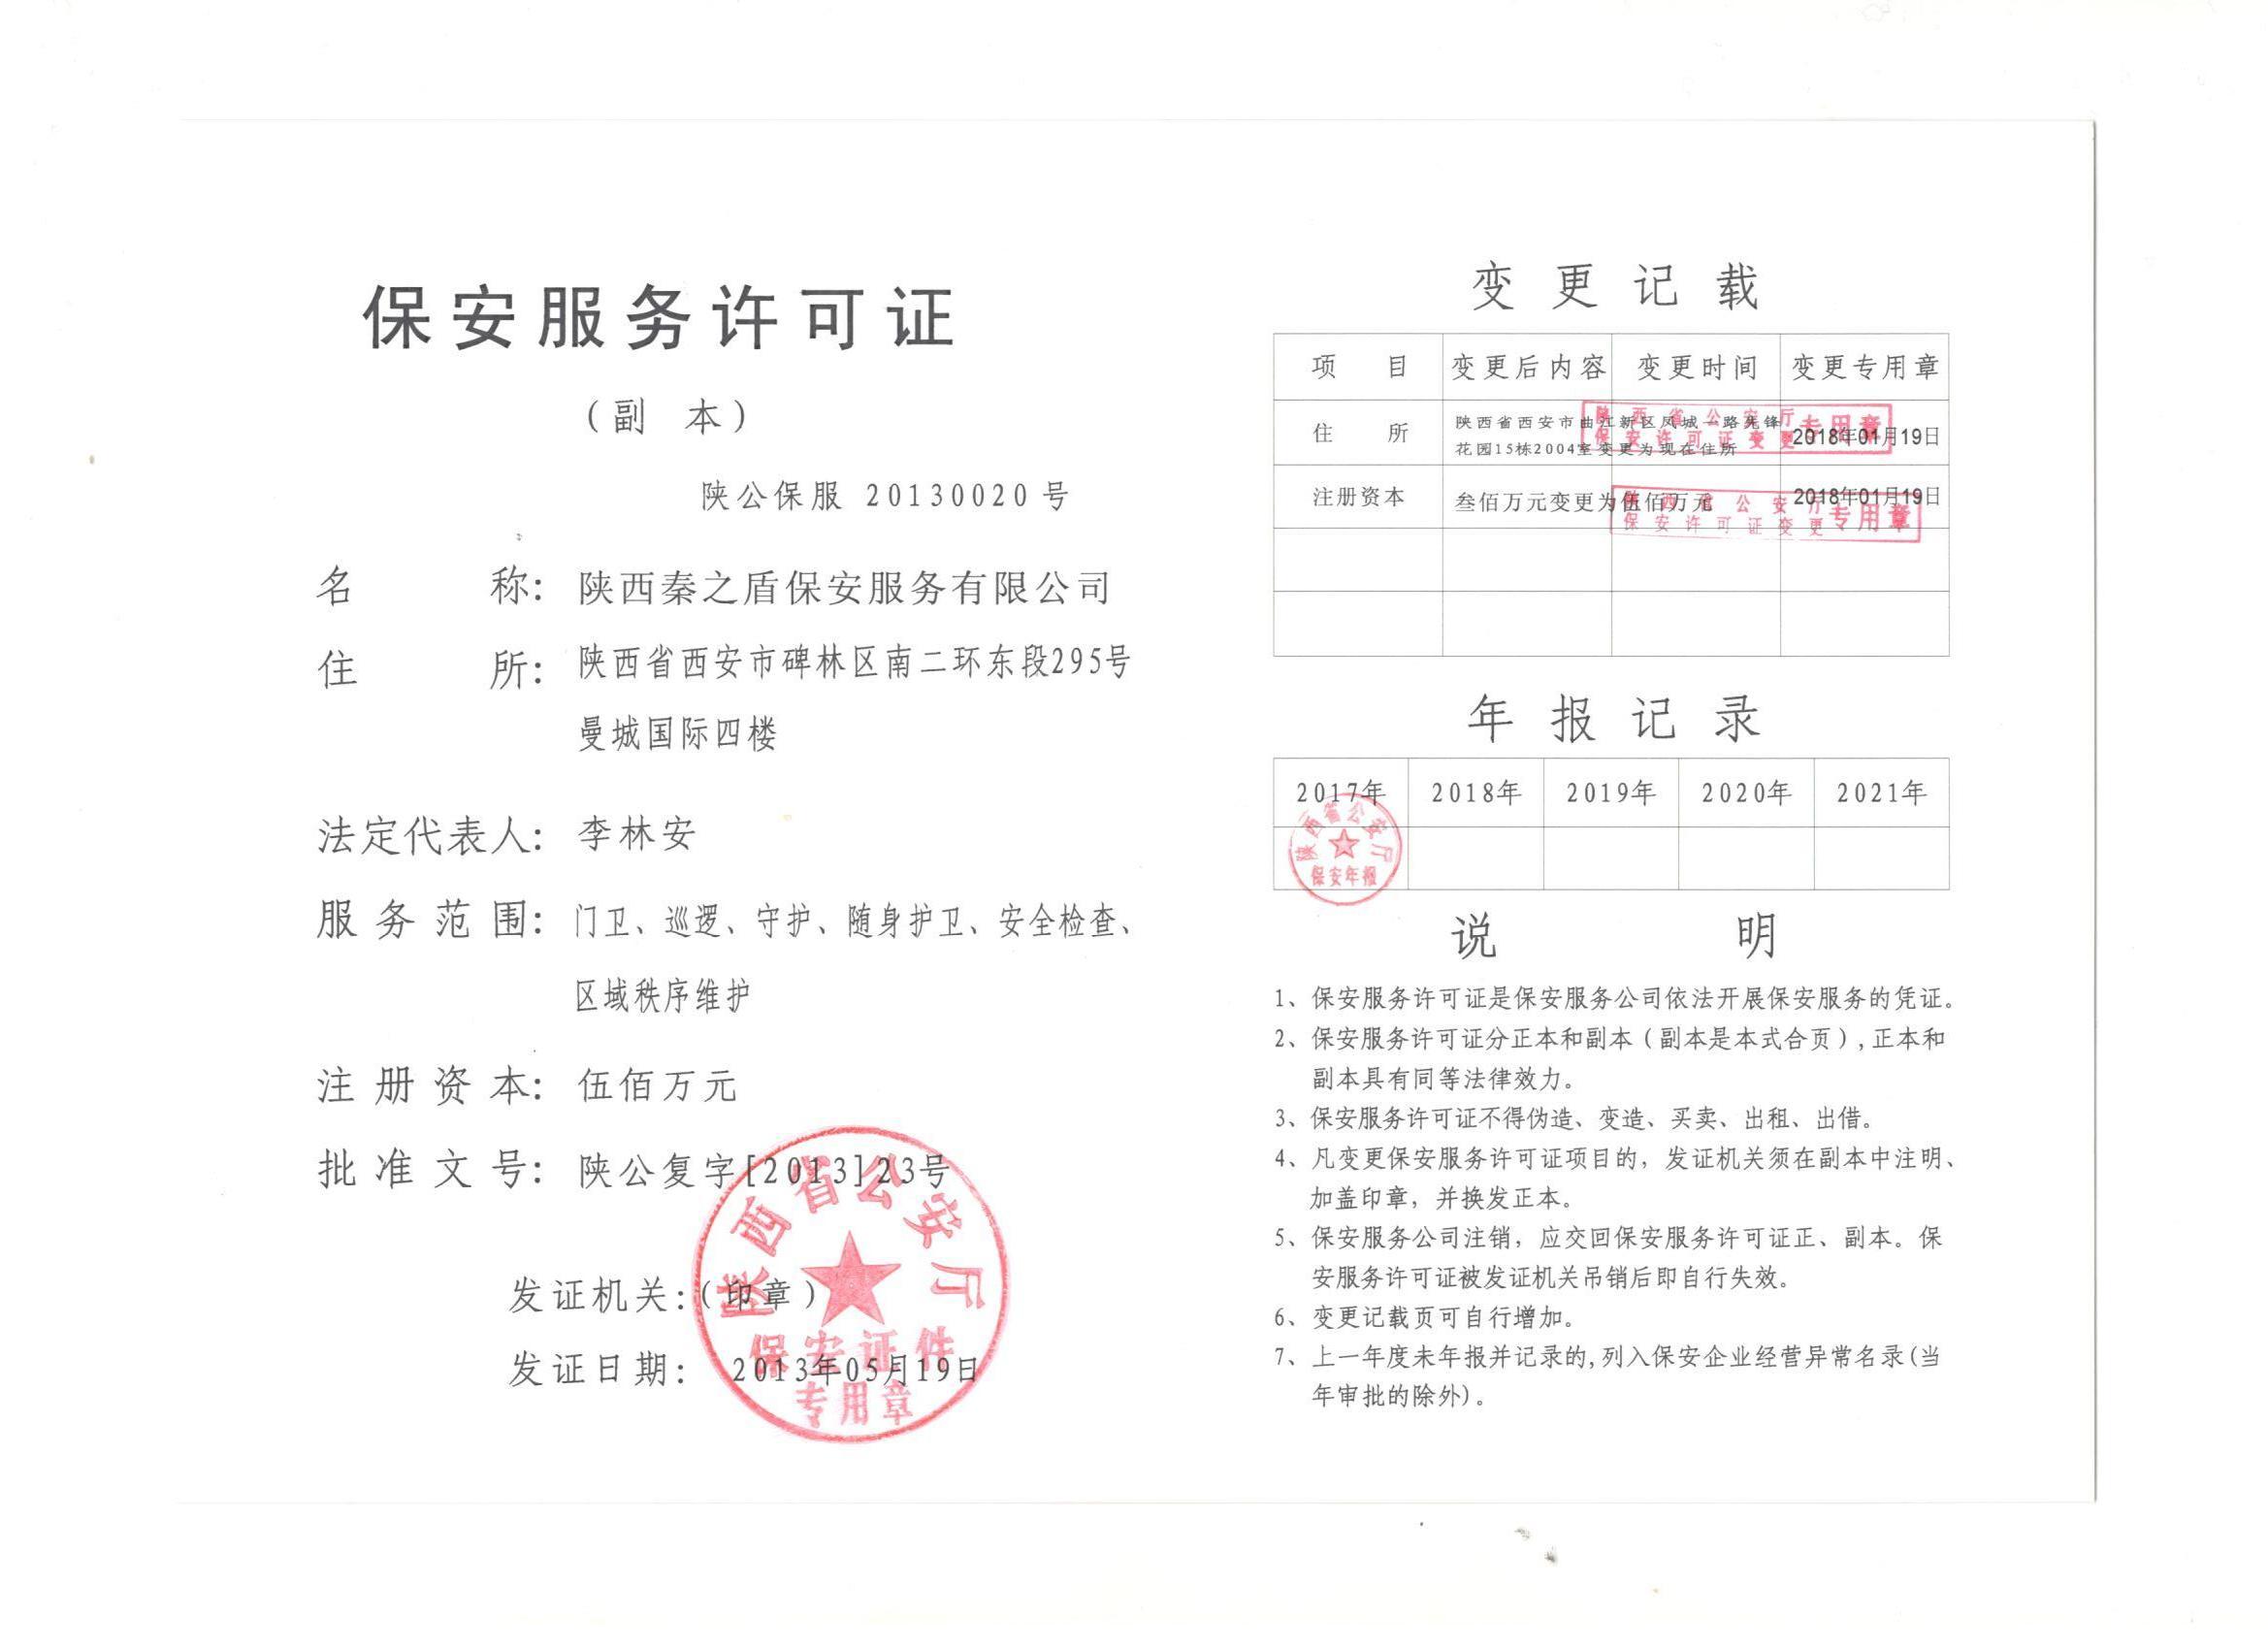 新亚博体育官网下载ios许可证 - 万能看图王.jpg